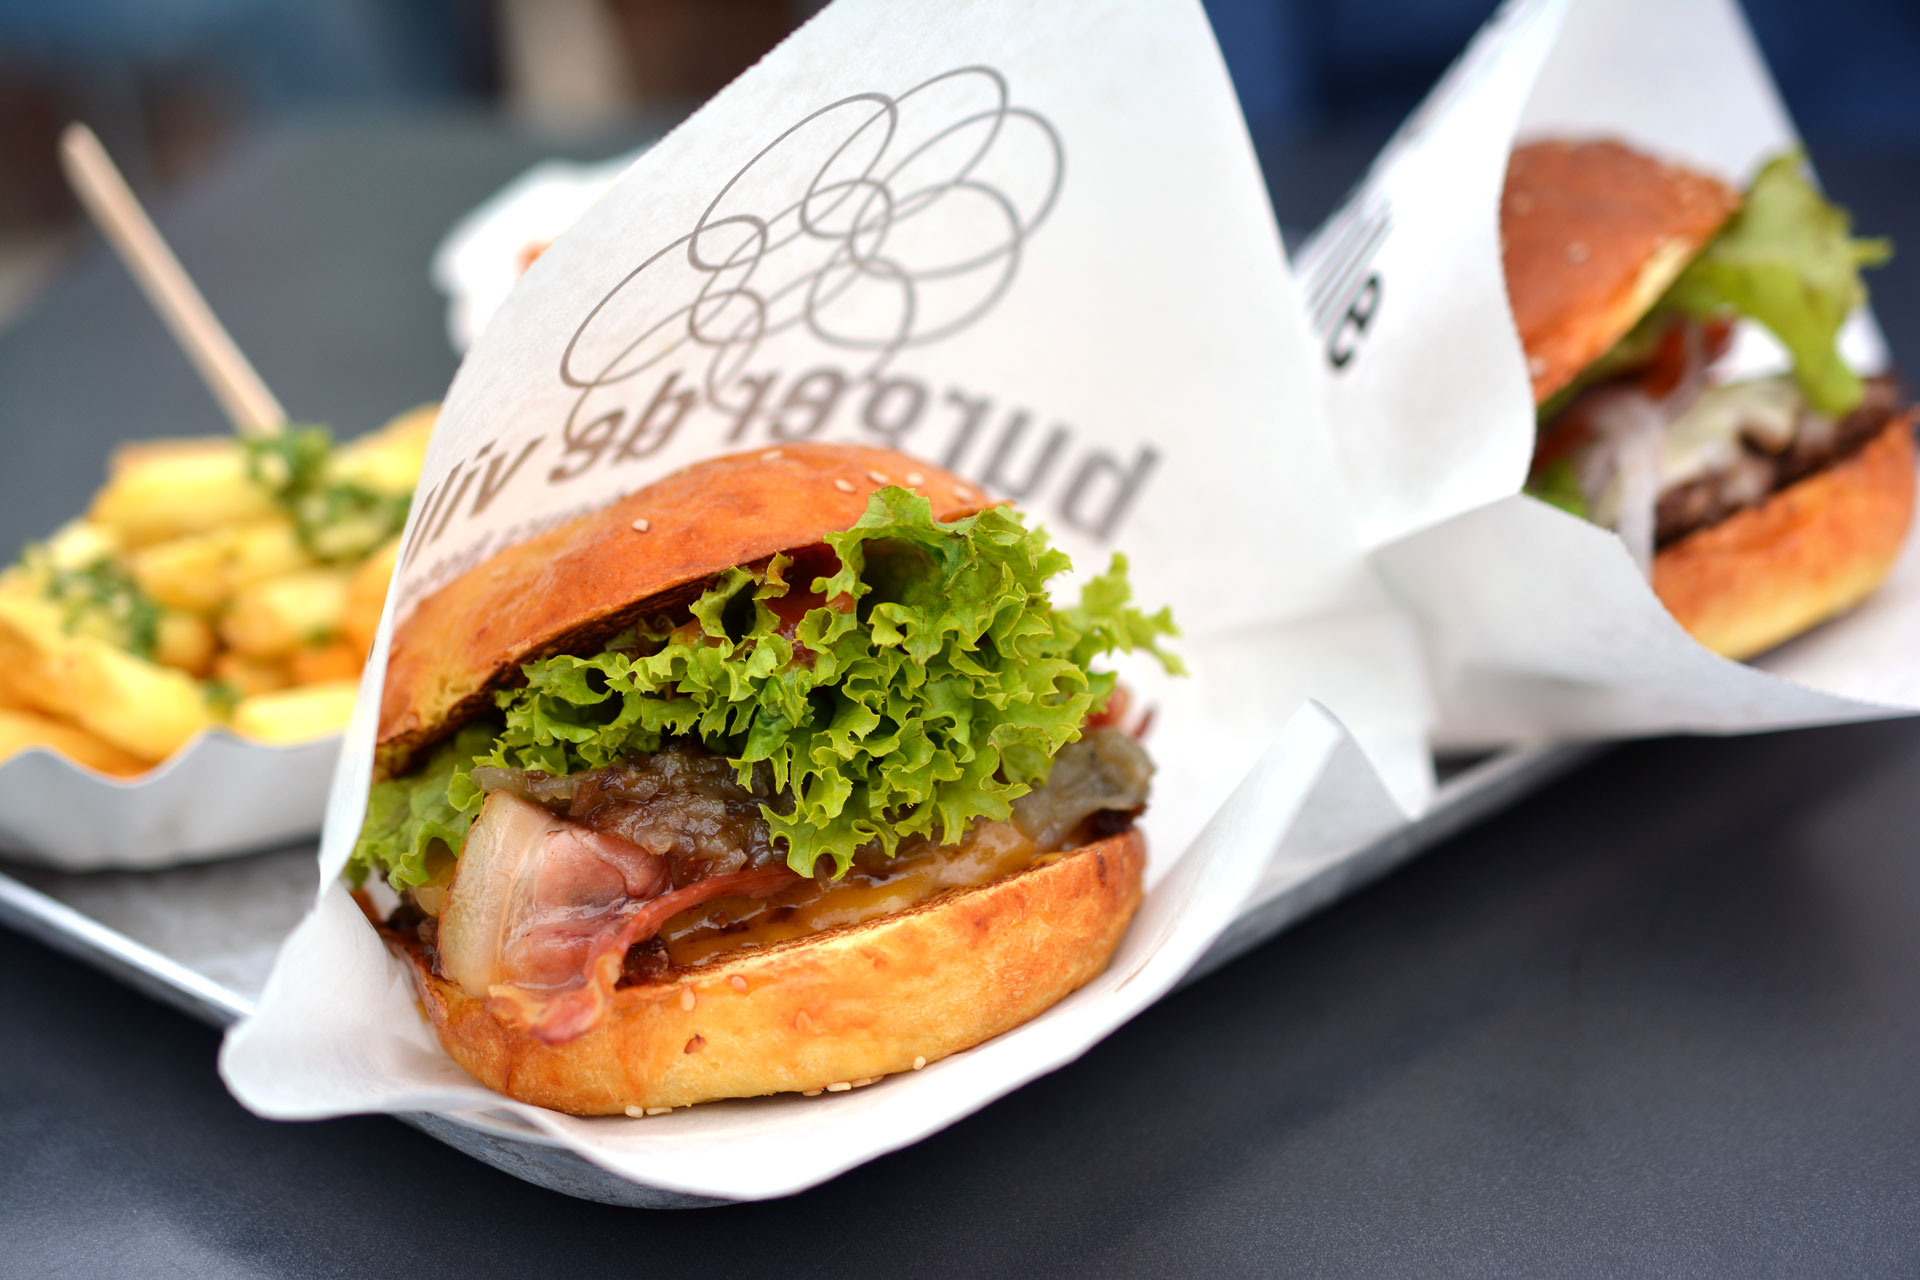 Burger de Ville: Cheeseburger